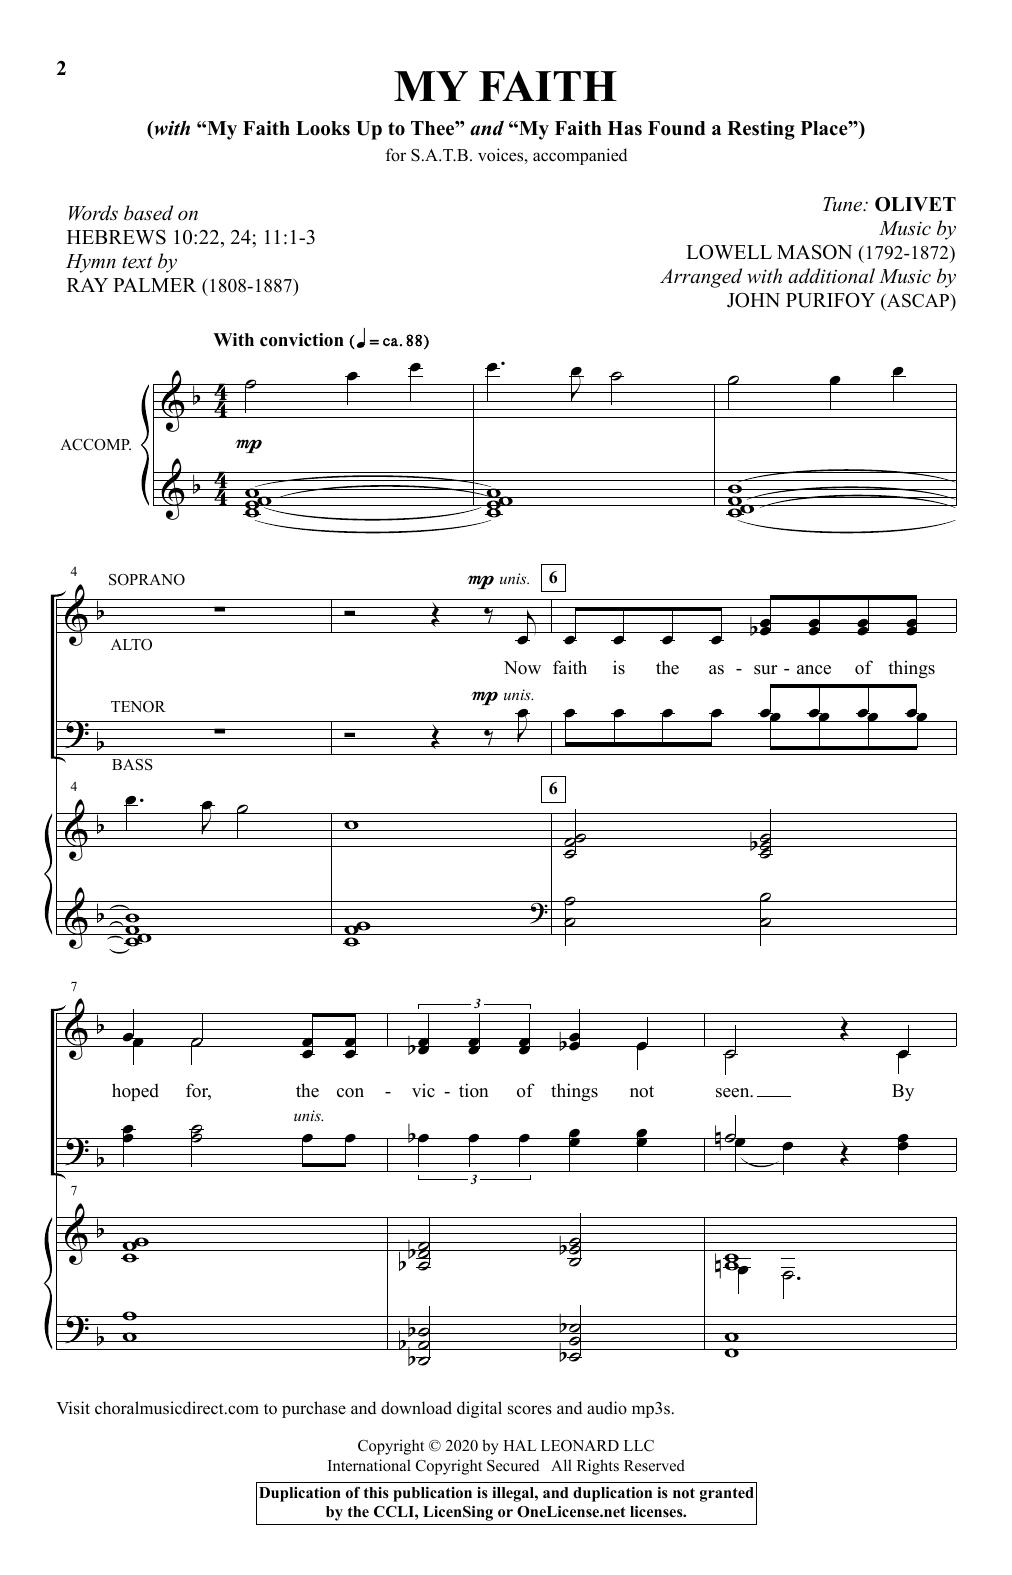 """My Faith (With """"My Faith Looks Up To Thee"""" and """"My Faith Has Found A Resting Place"""") (SATB Choir)"""